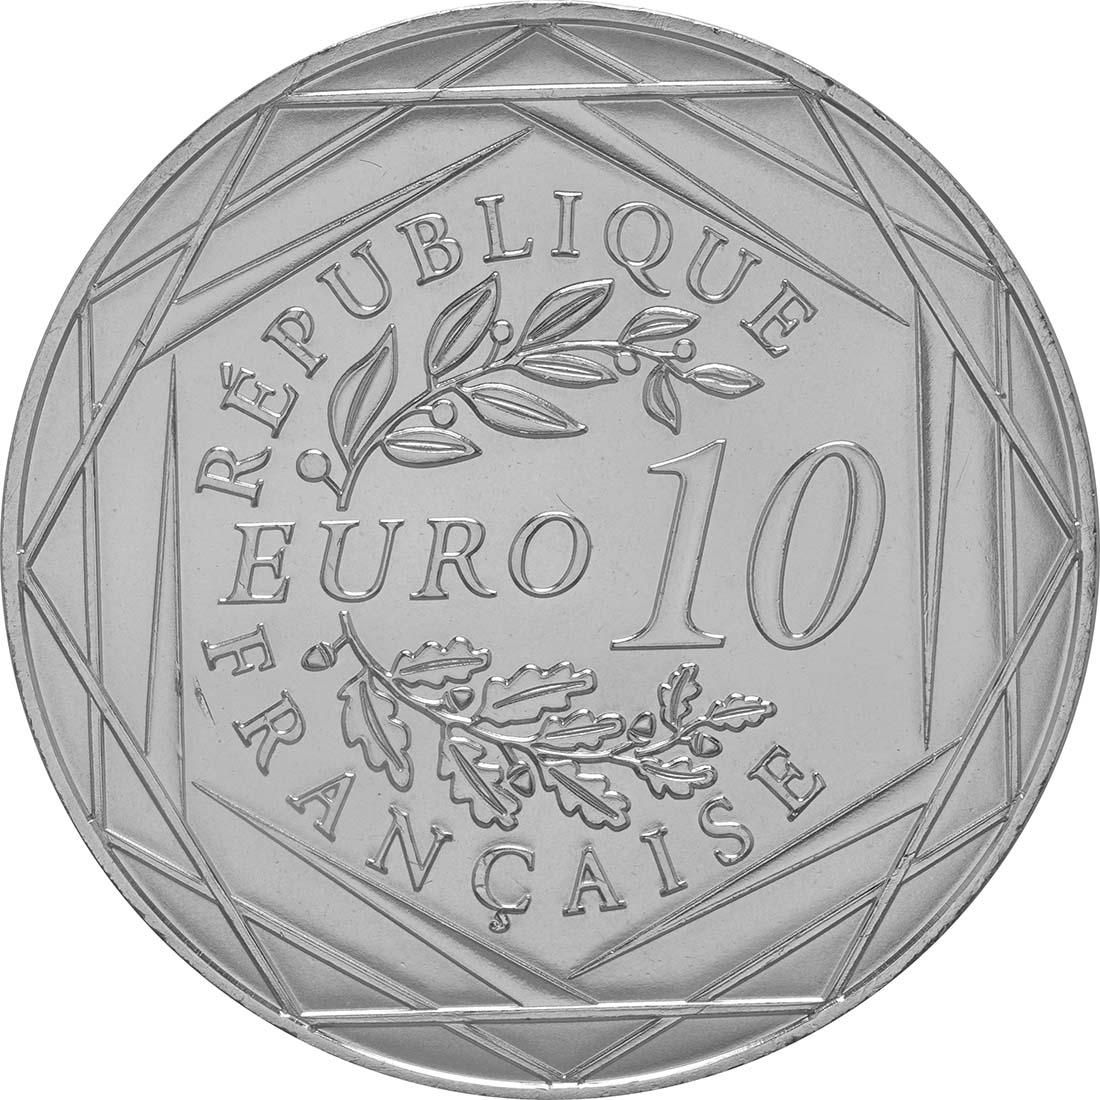 Frankreich 10 Euro Fußball Em 2016 2016 Bfr